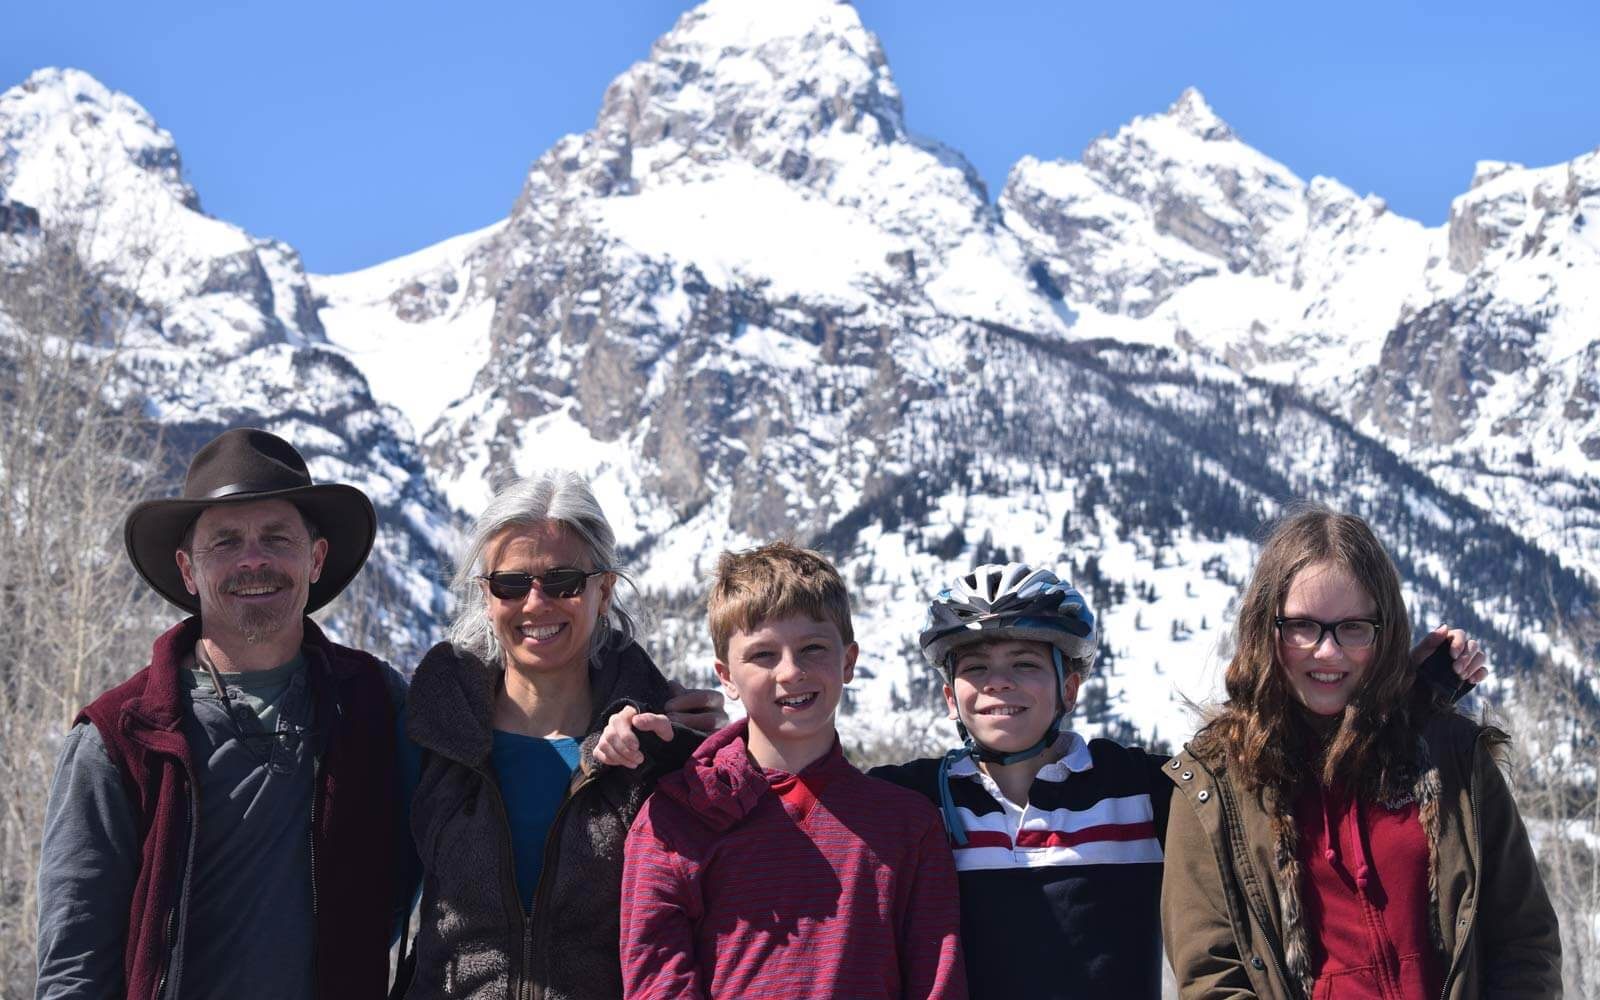 Mette und ihre amerikanische Gastfamilie in den Bergen